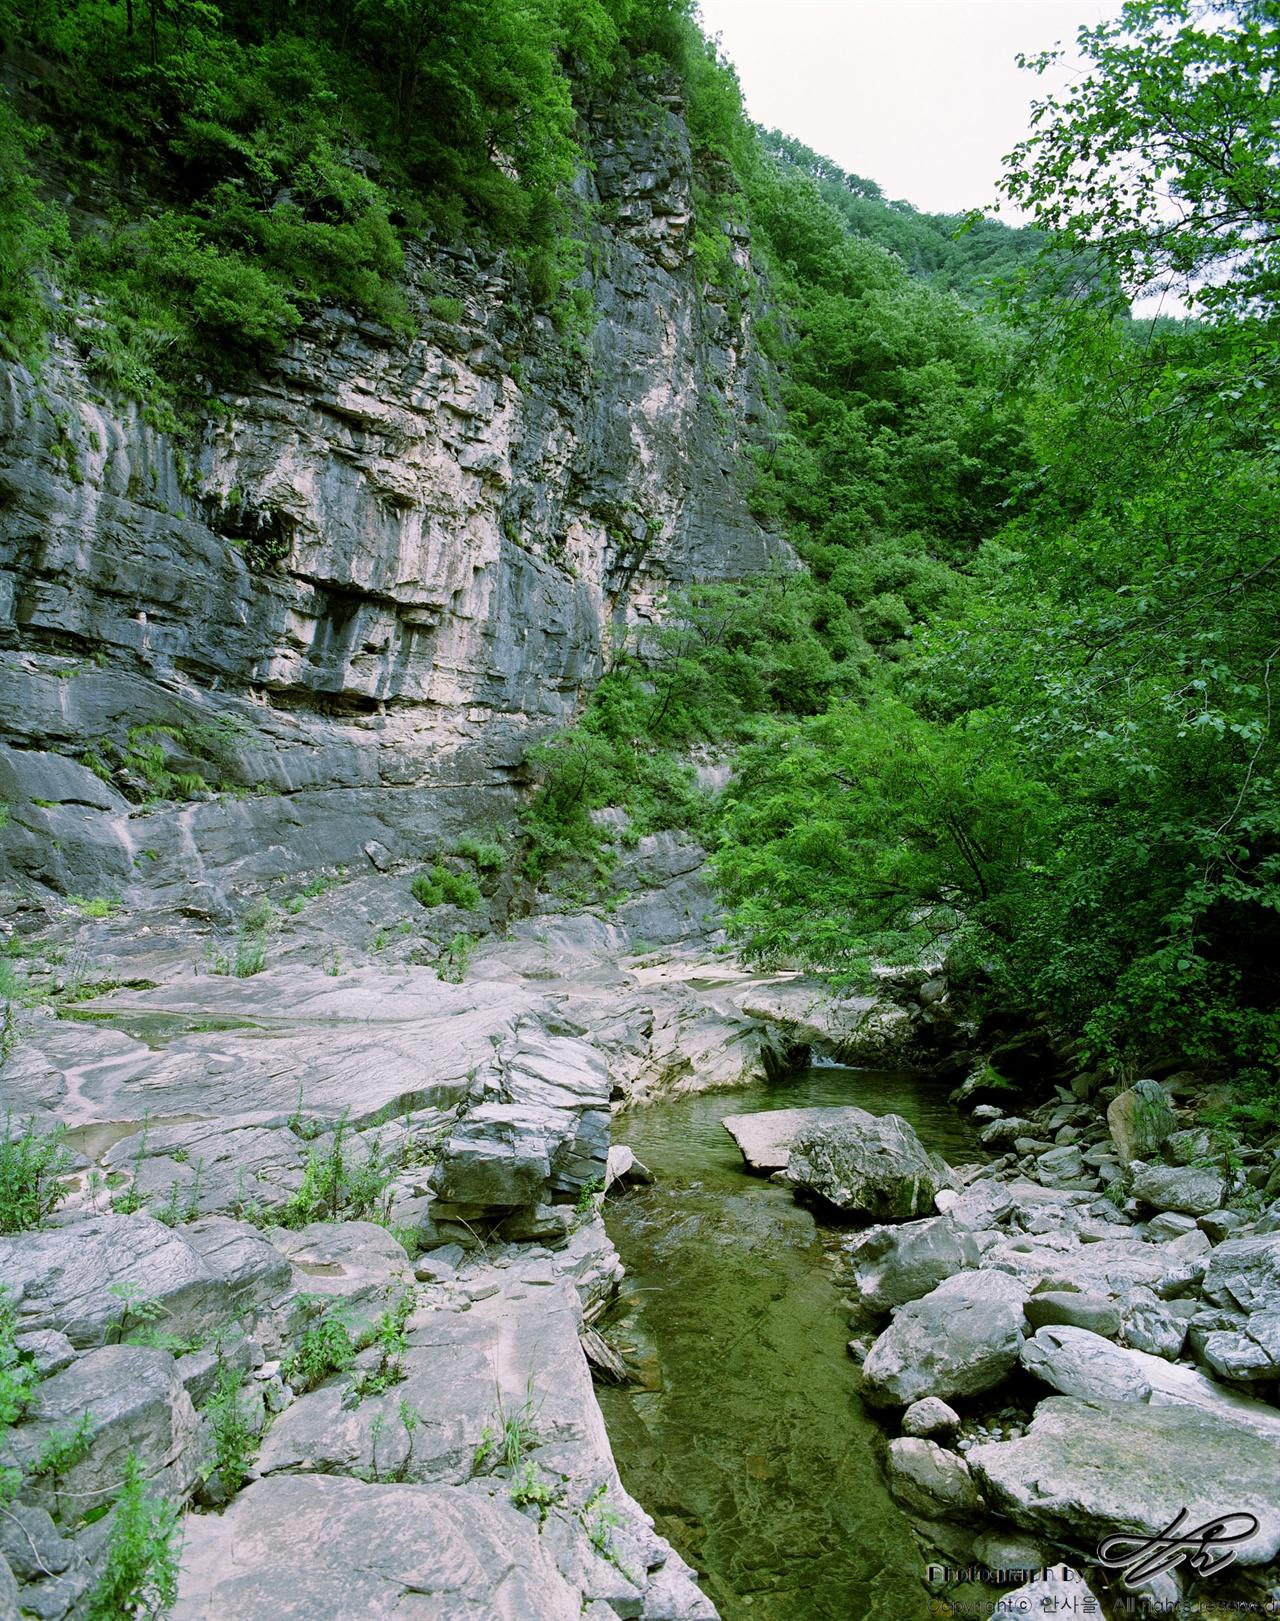 절벽과 계곡 (67ii/Pro160NS)절벽과 물길 사이에 쉴만한 돌 터가 있다.